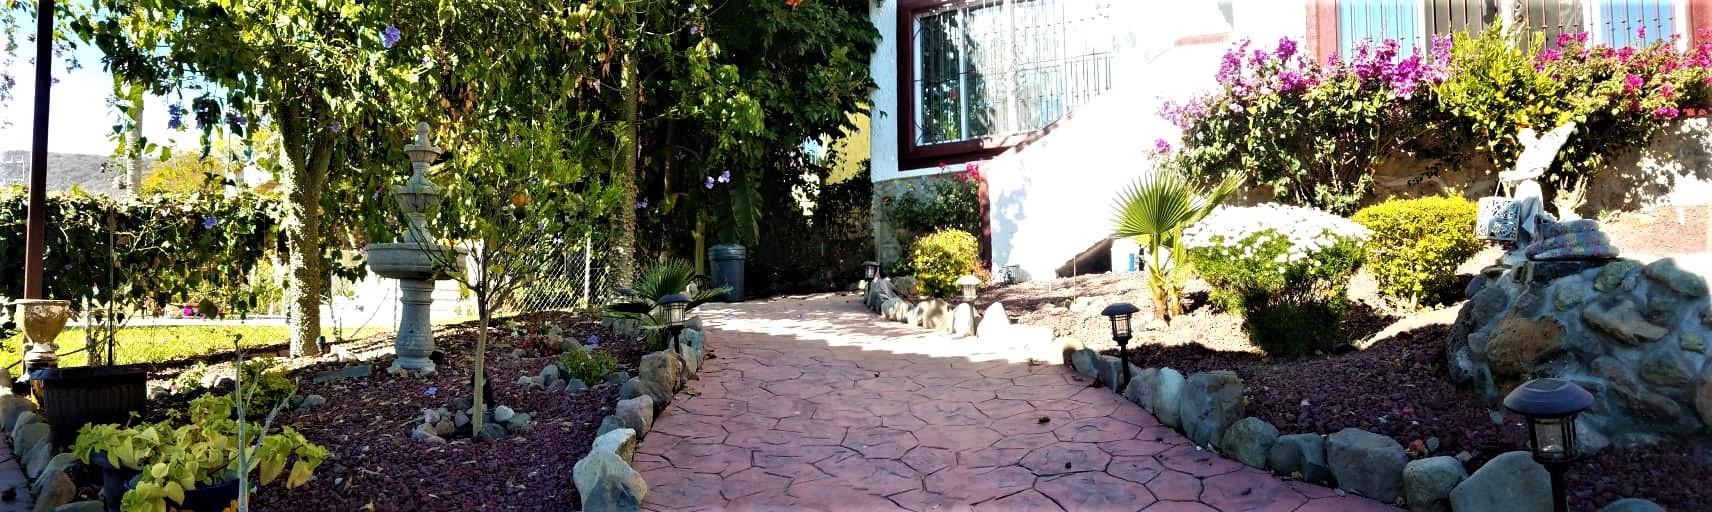 Garden paved walkways